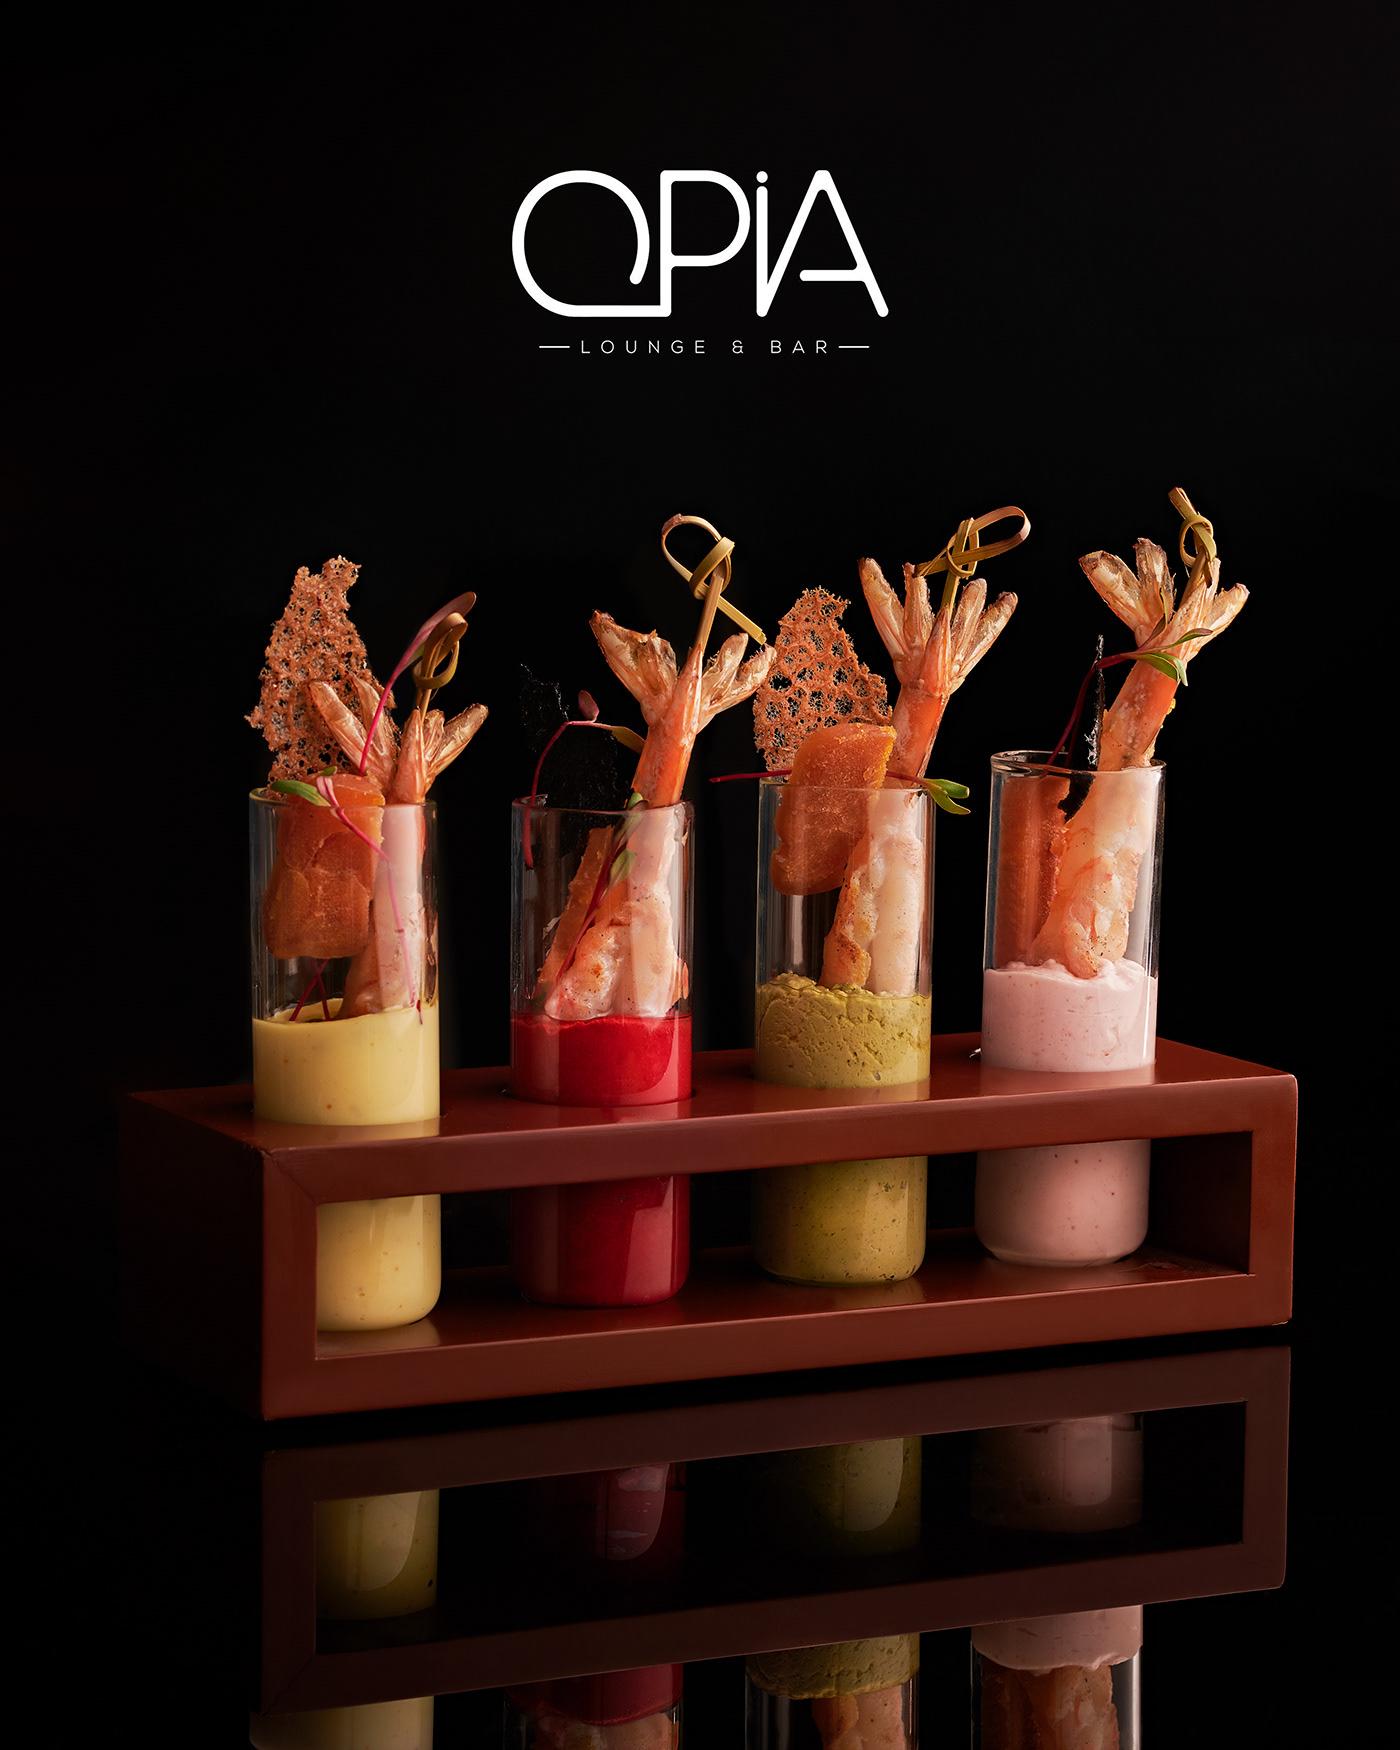 Opia Lounge & bar / фото Kareem El Sabaa